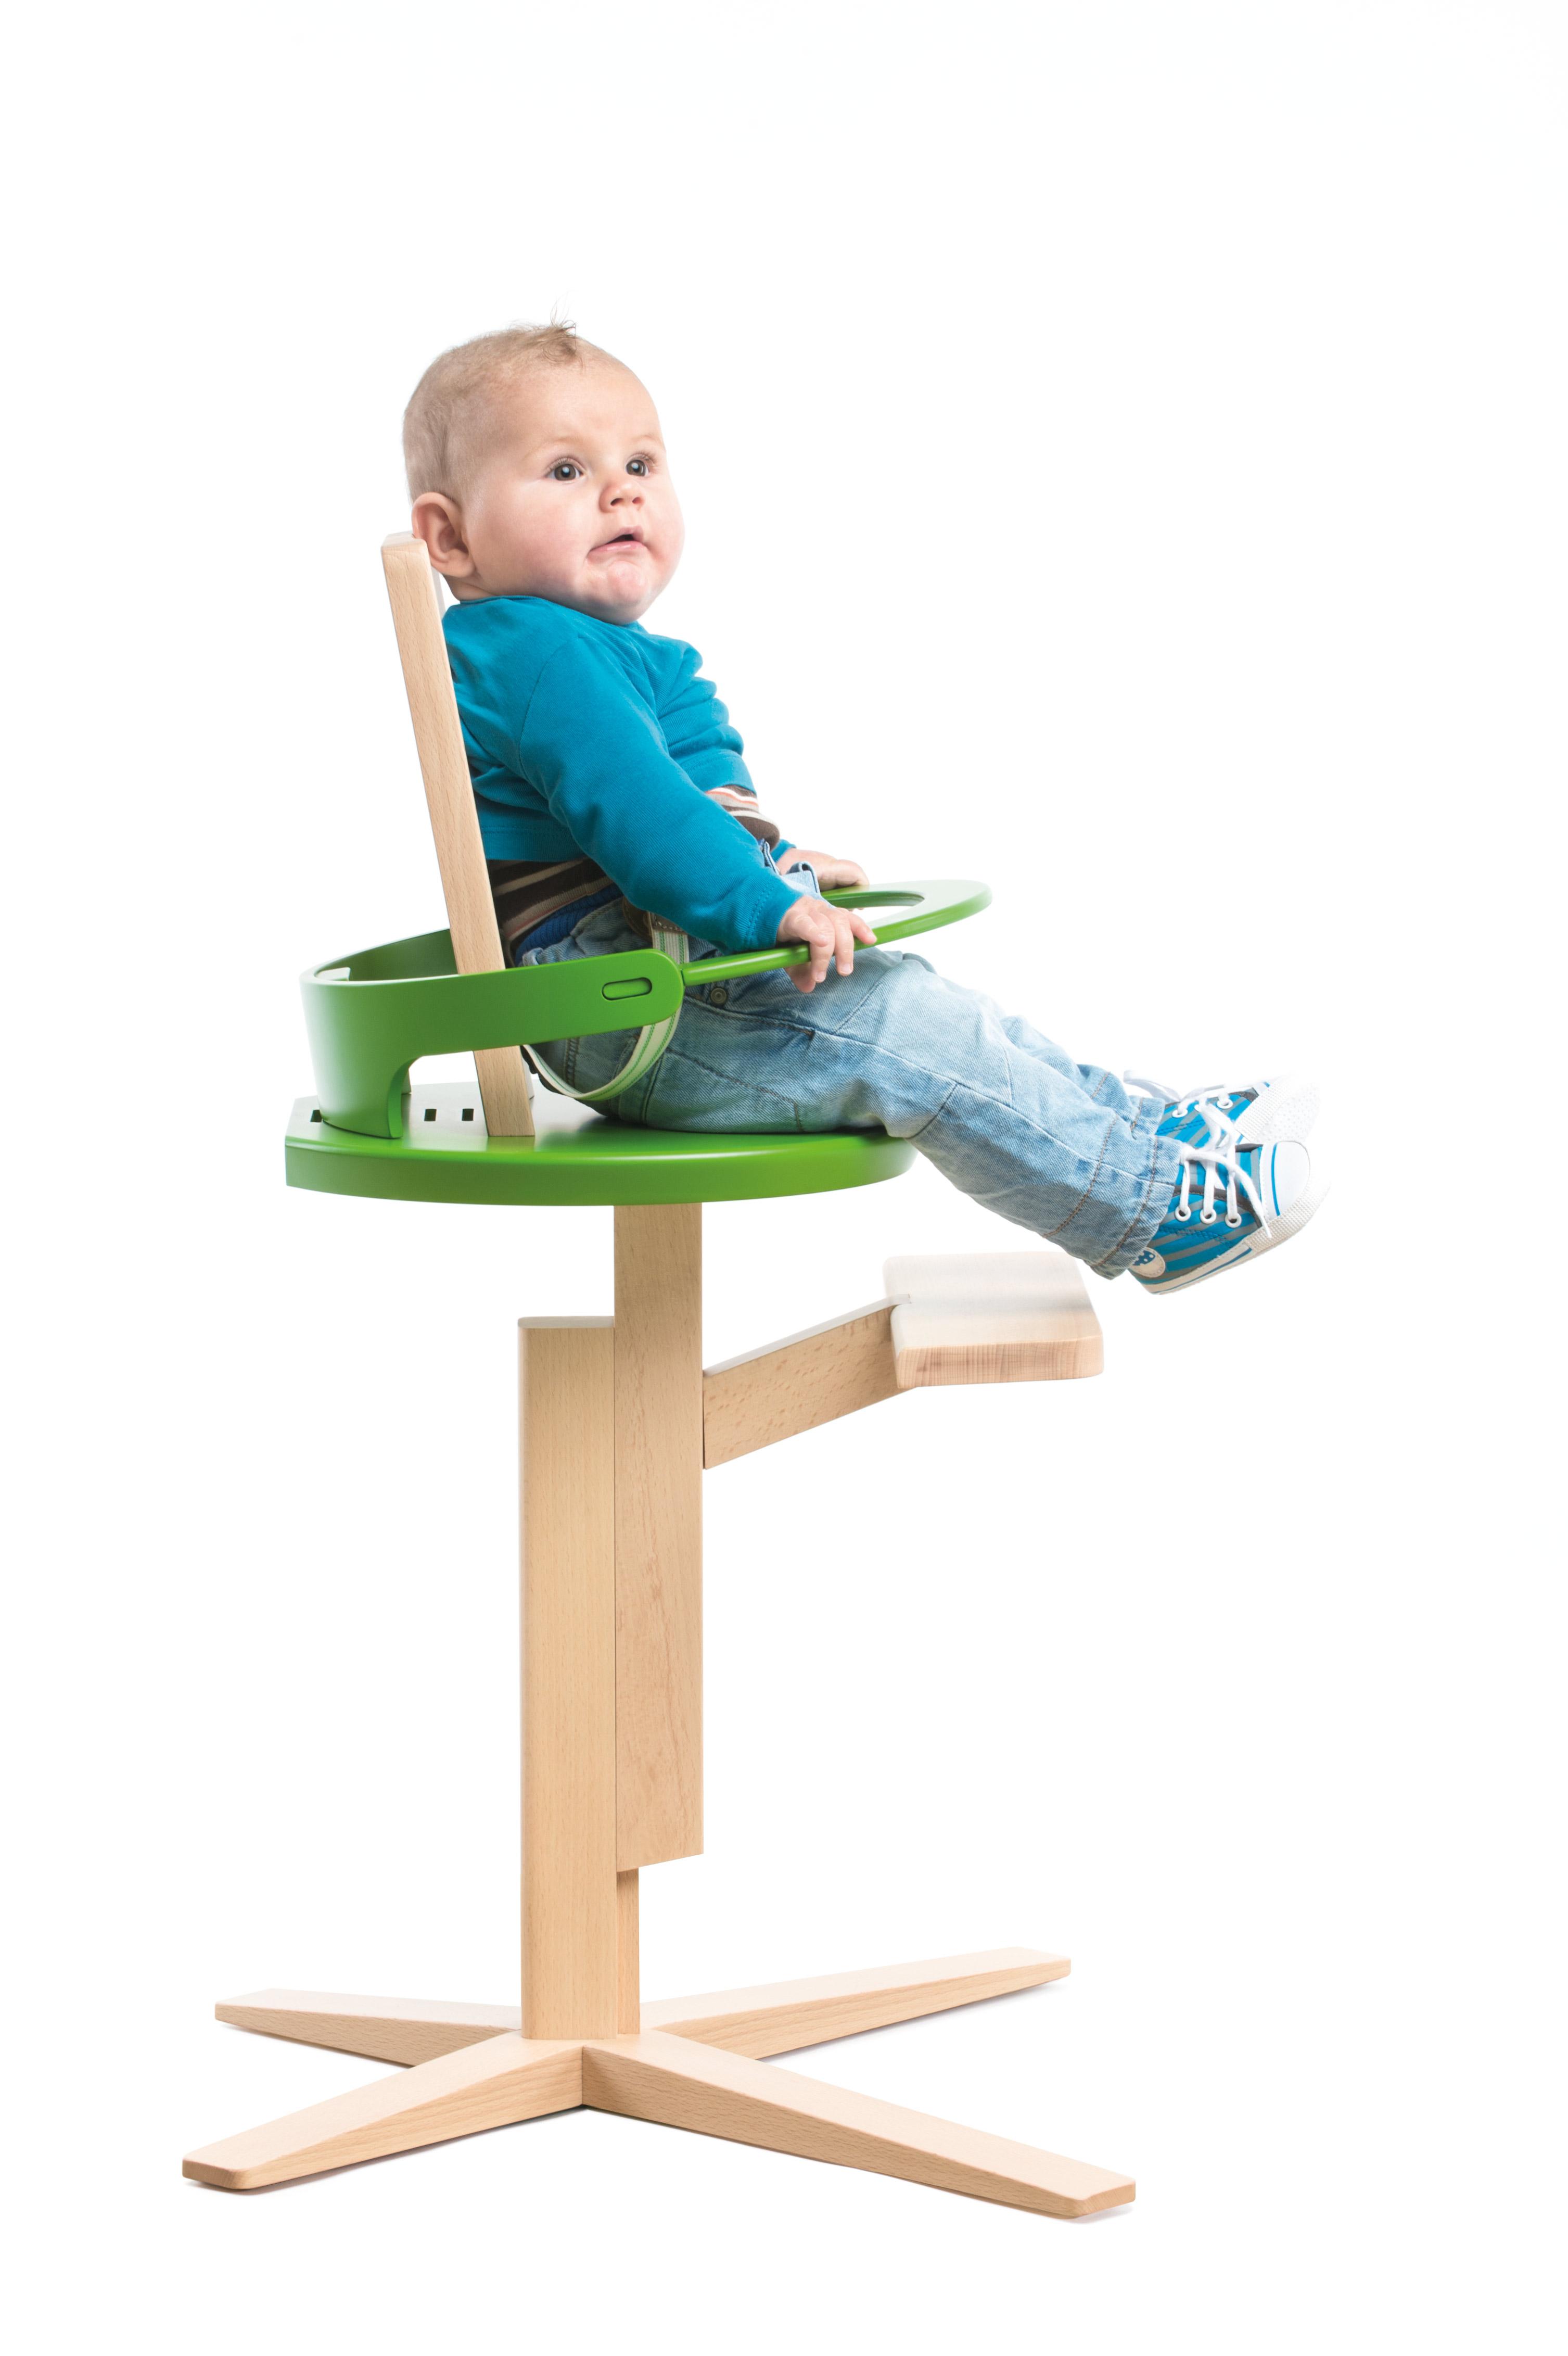 hipkid kinderhochstuhl mitwachsend bis 10 jahre hohe stabilit t ebay. Black Bedroom Furniture Sets. Home Design Ideas